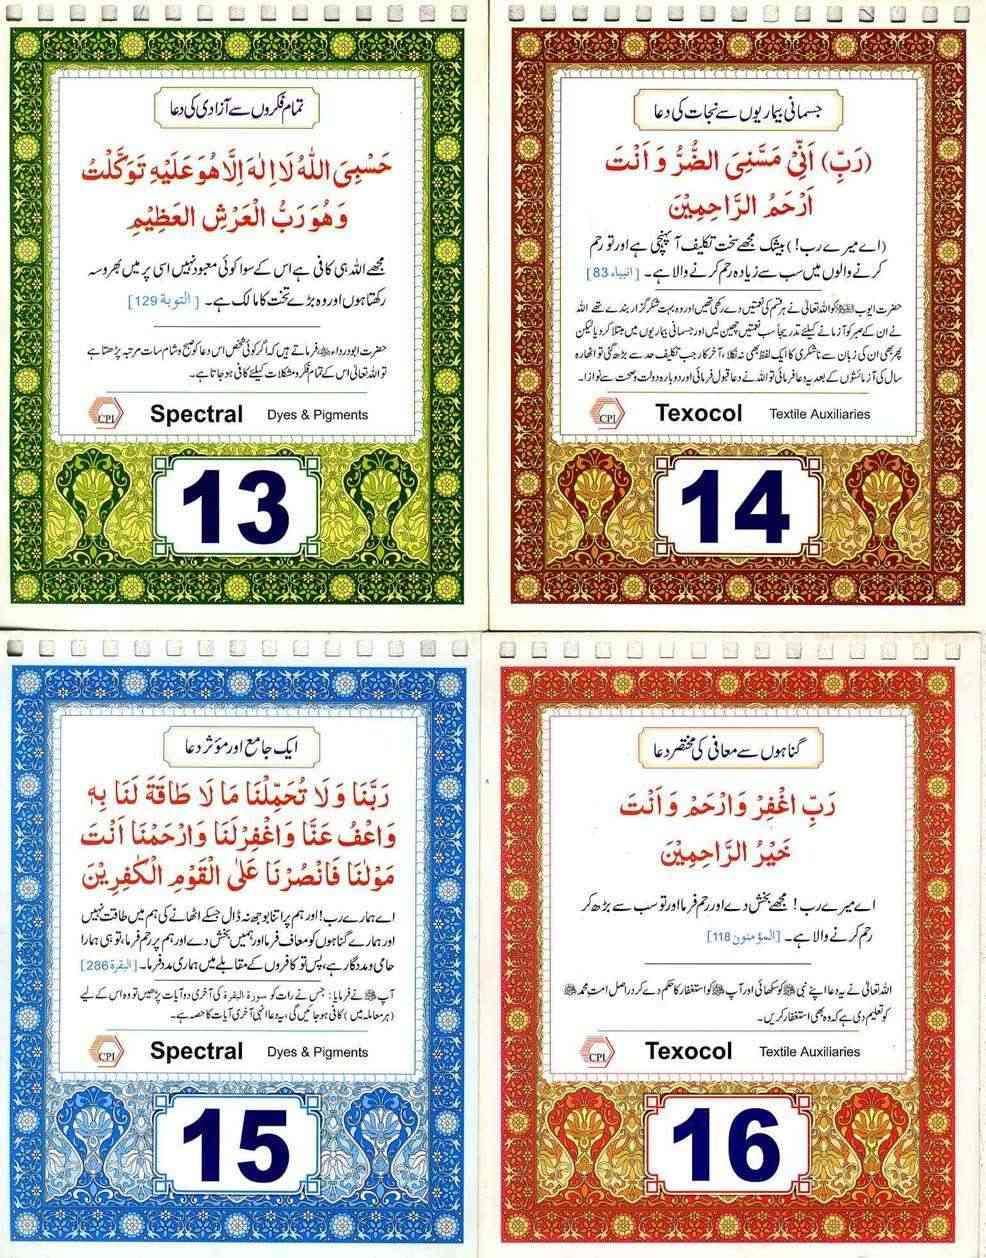 DUA - A set of Powerful Qurani Duaa's,,,,,,,,,,,,,,, 3ck68810